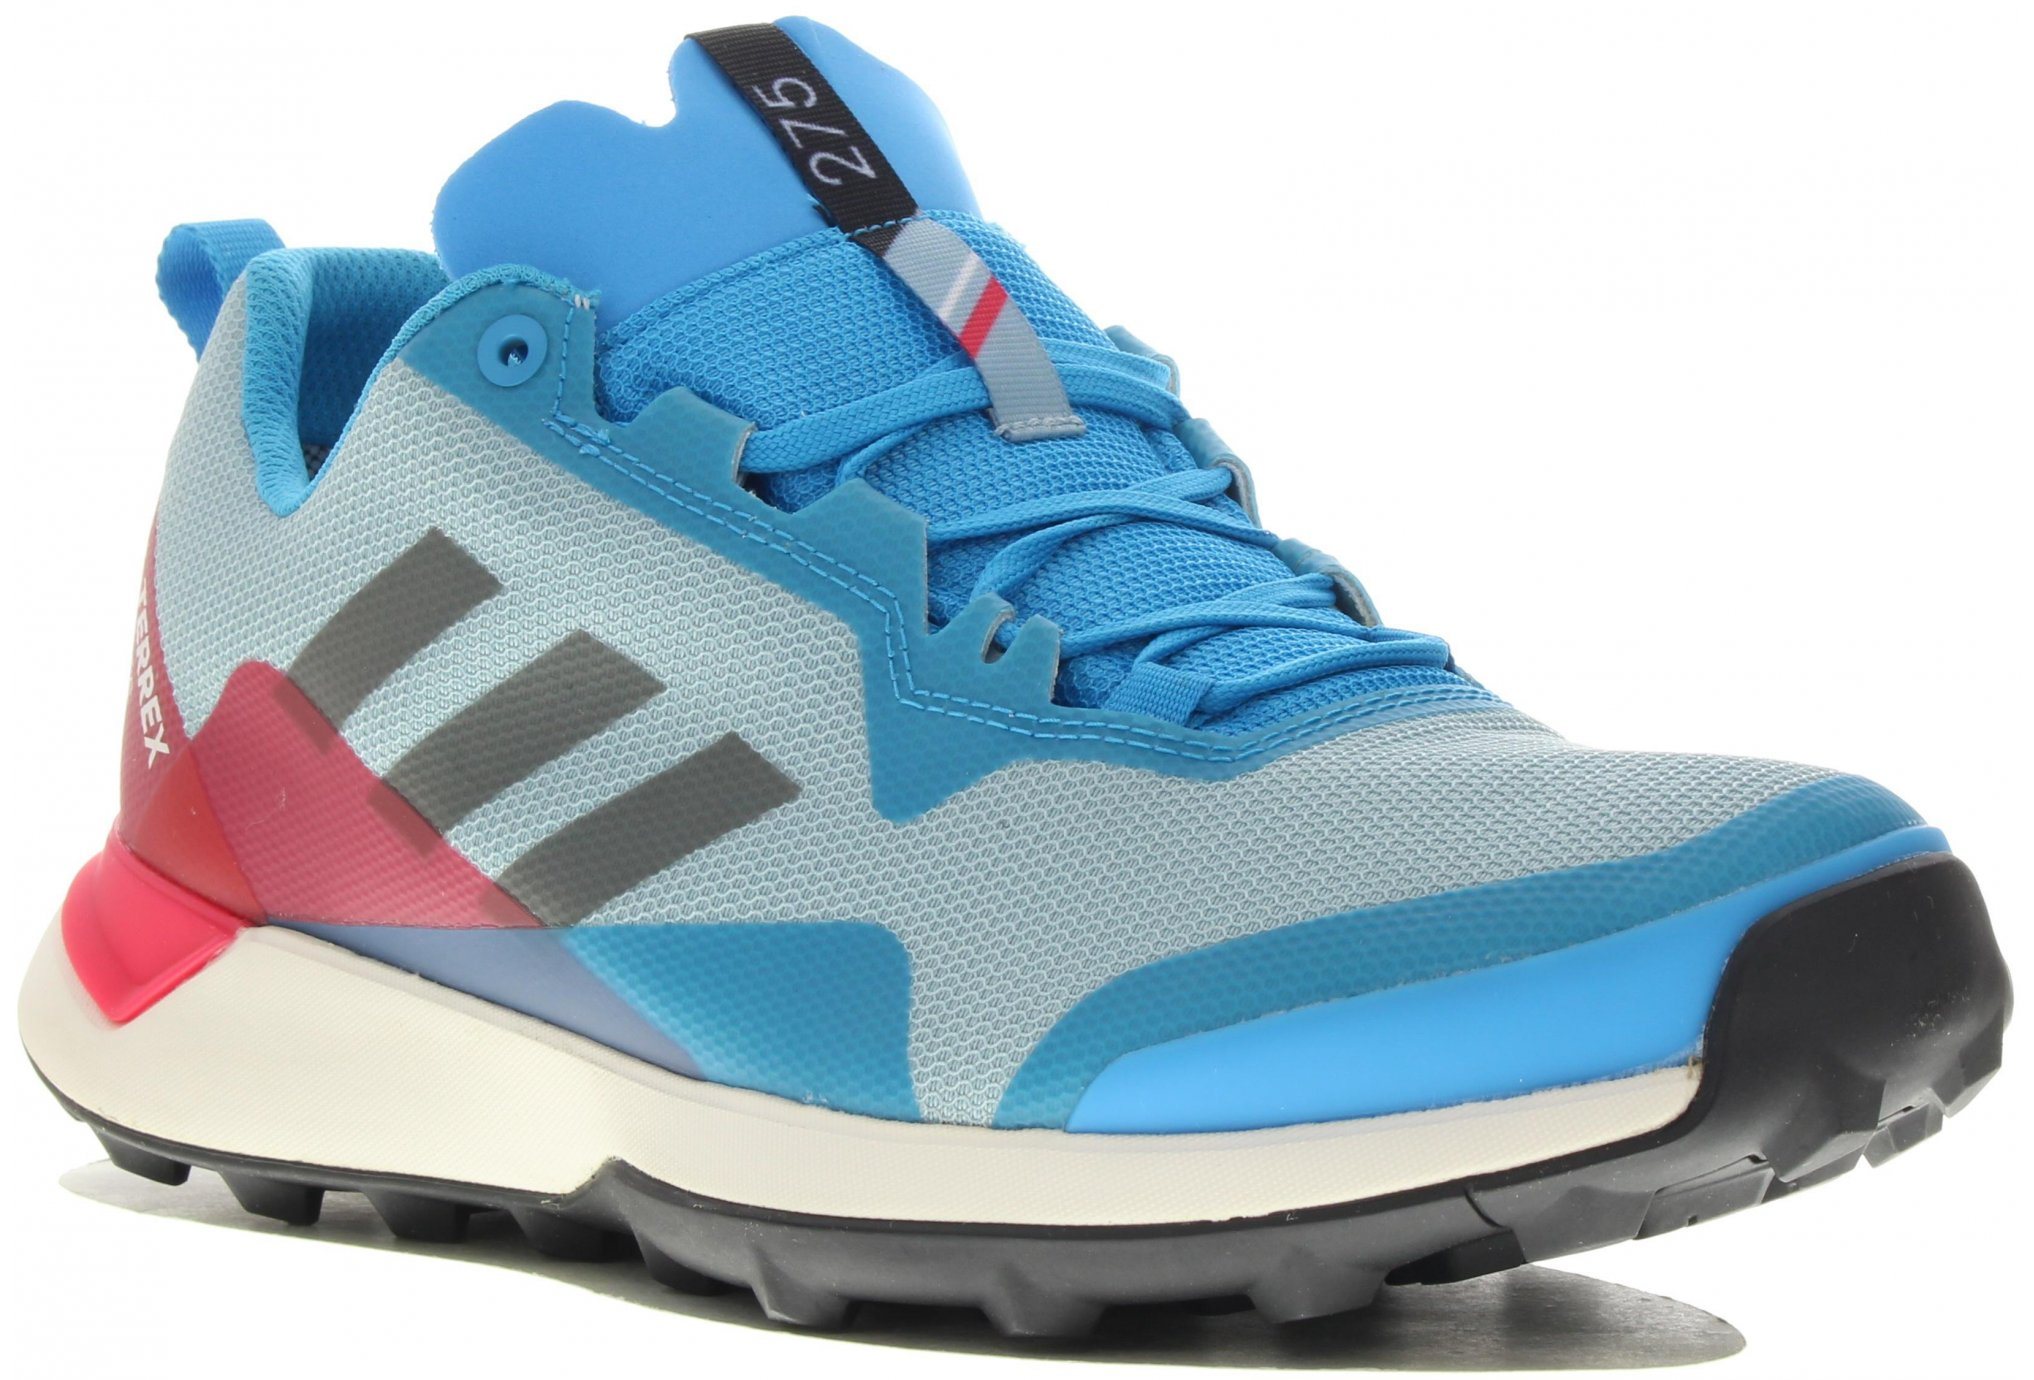 Adidas Terrex cmtk gore-Tex w diététique chaussures femme